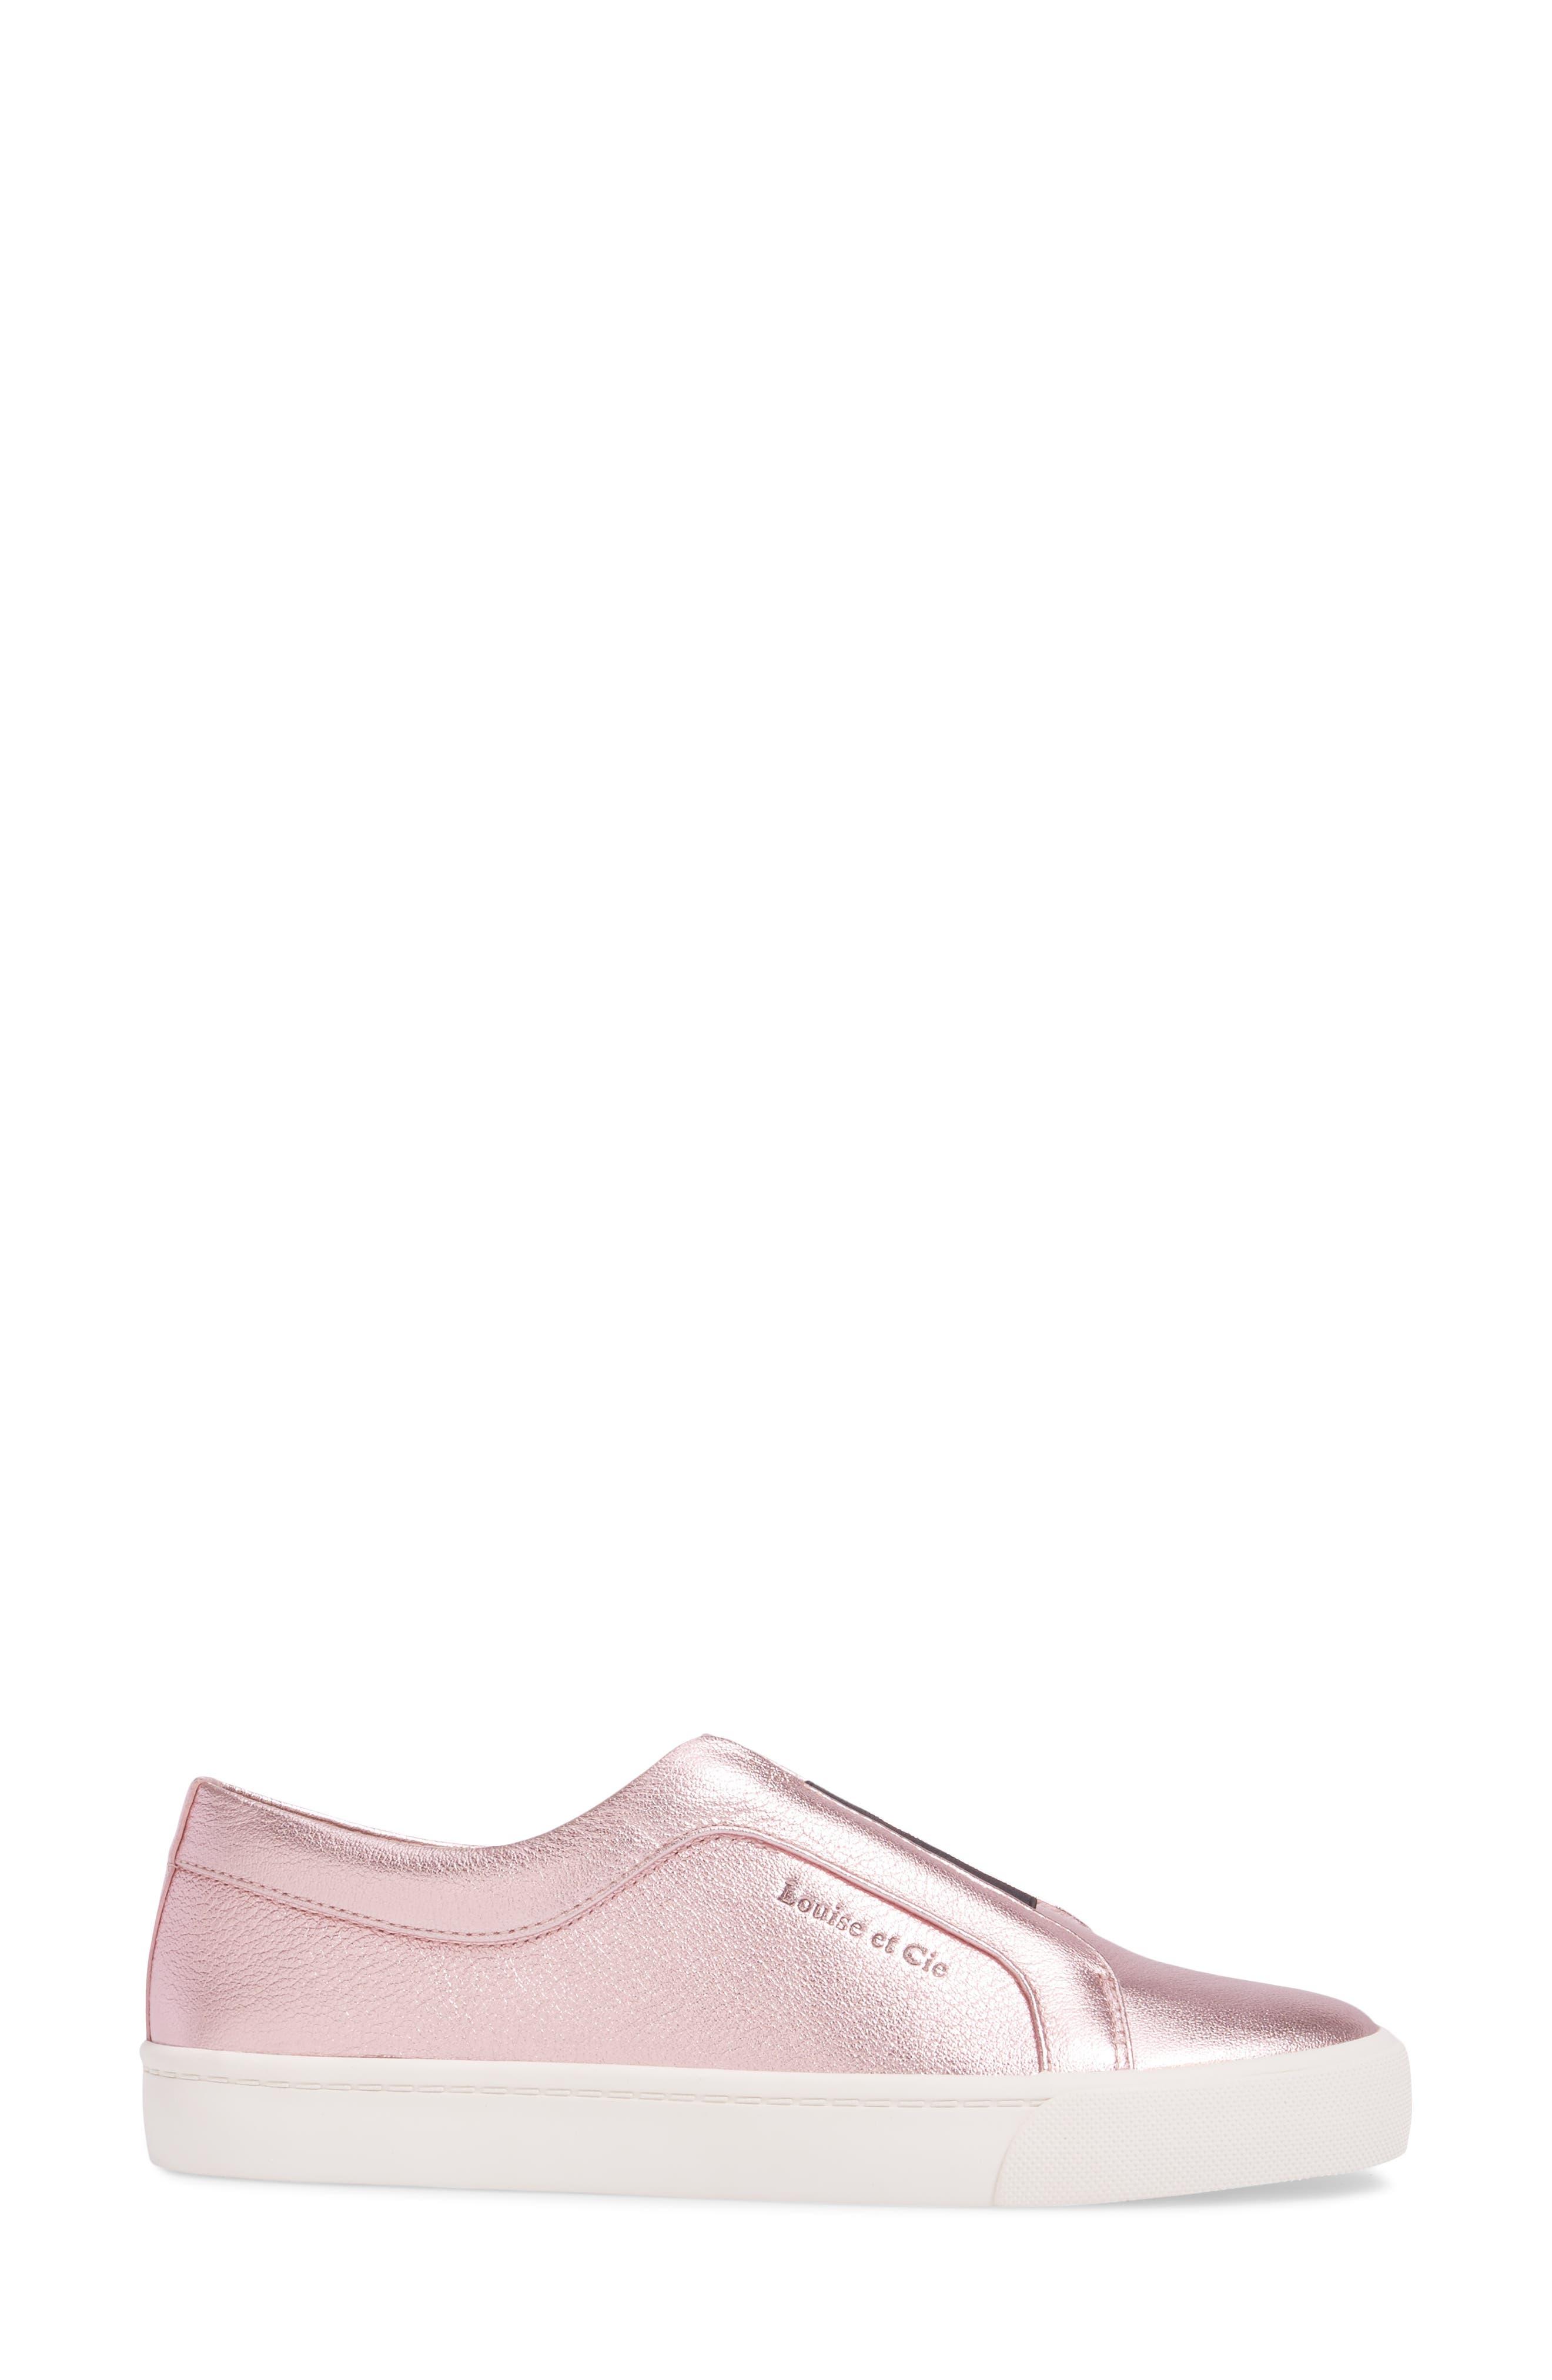 Alternate Image 3  - Louise et Cie Bette Slip-On Sneaker (Women)